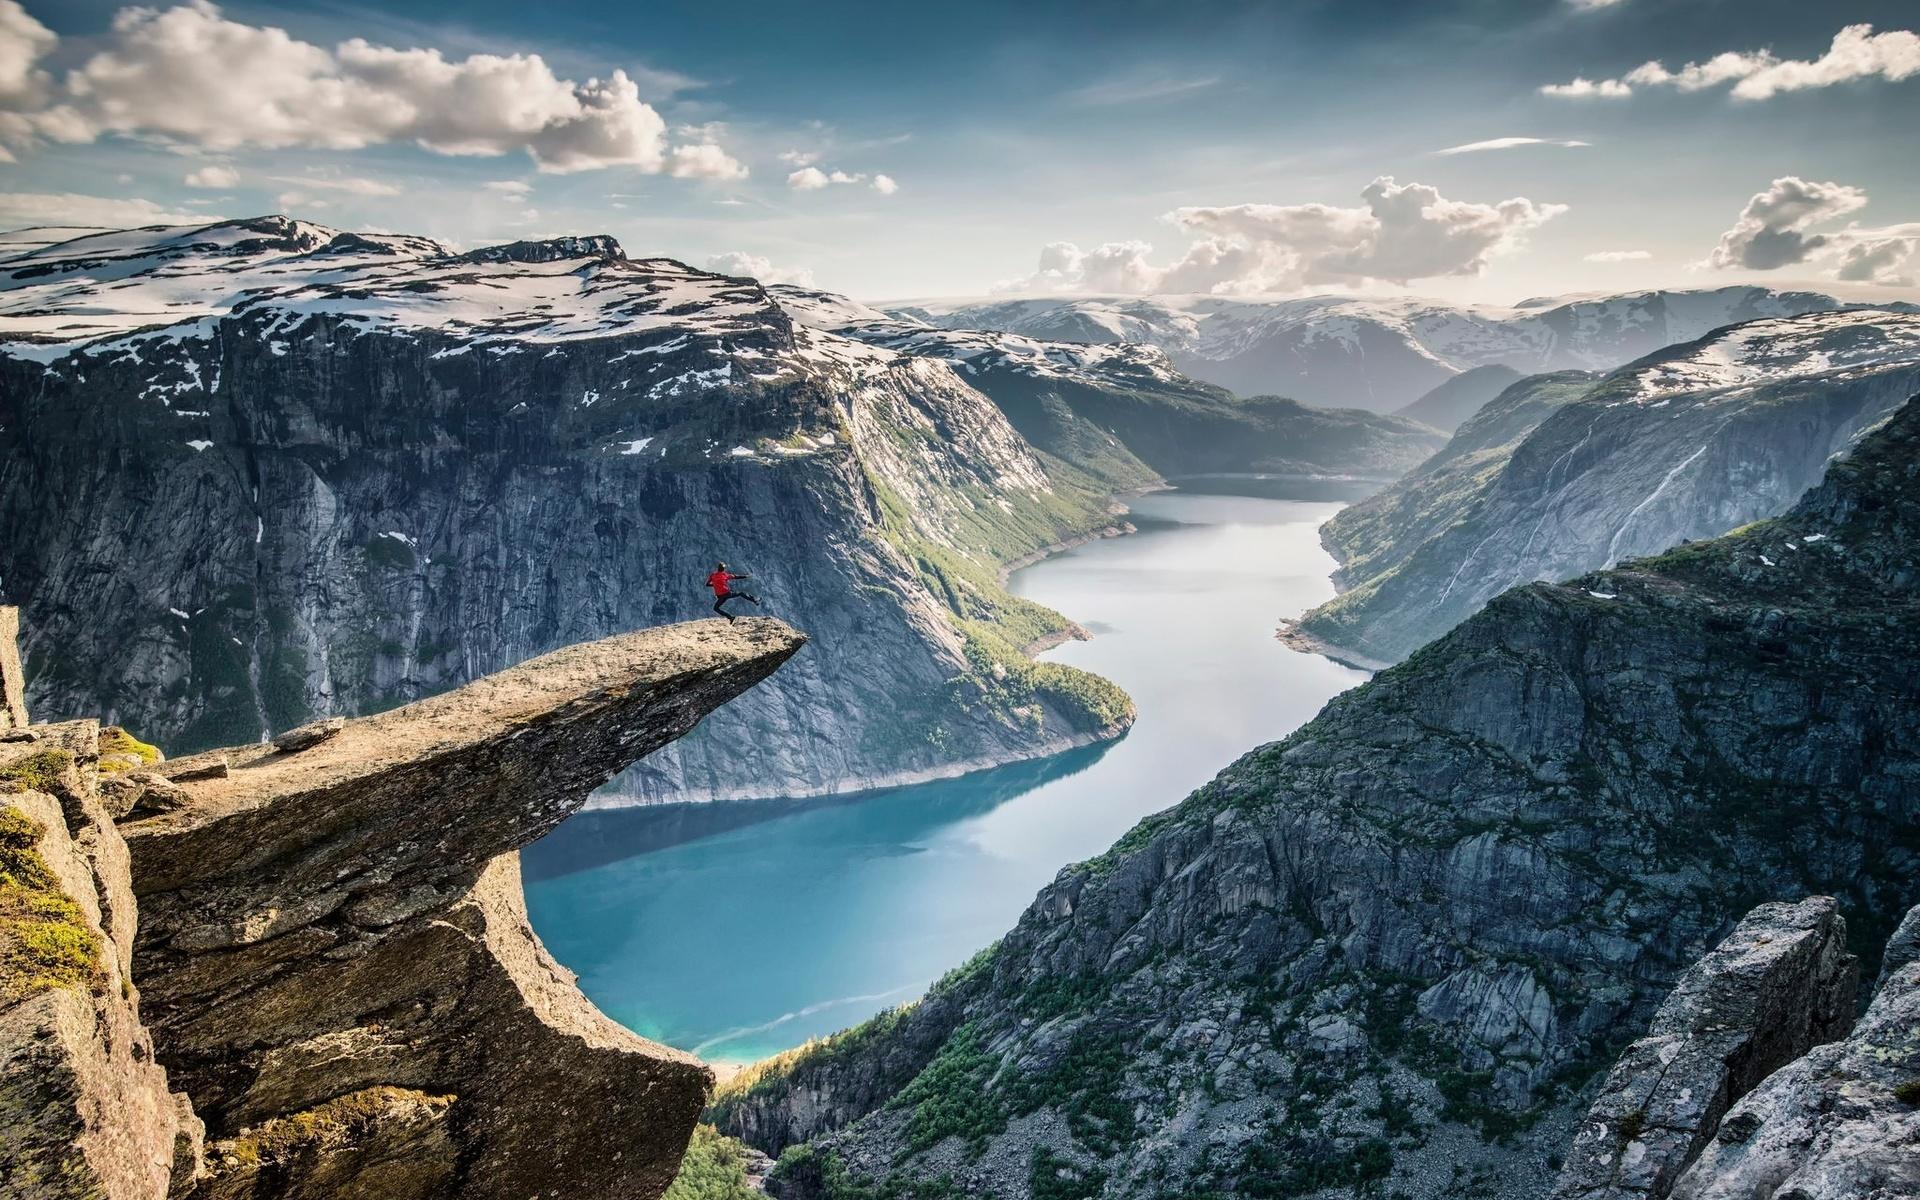 картинка норвегия природа также отметить, что